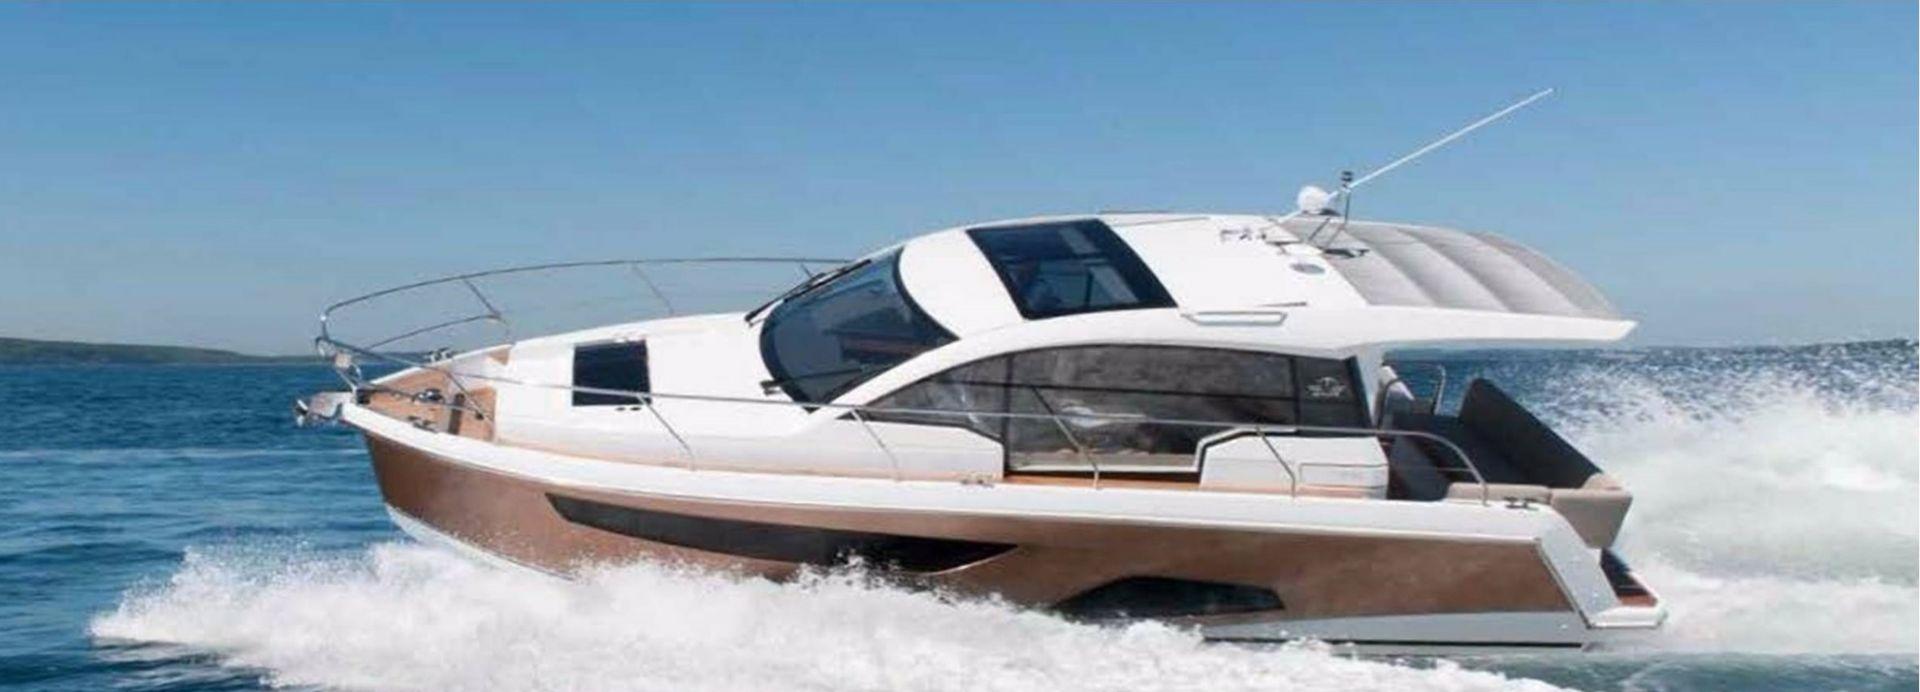 Hong Kong Yacht Charter - HKY29